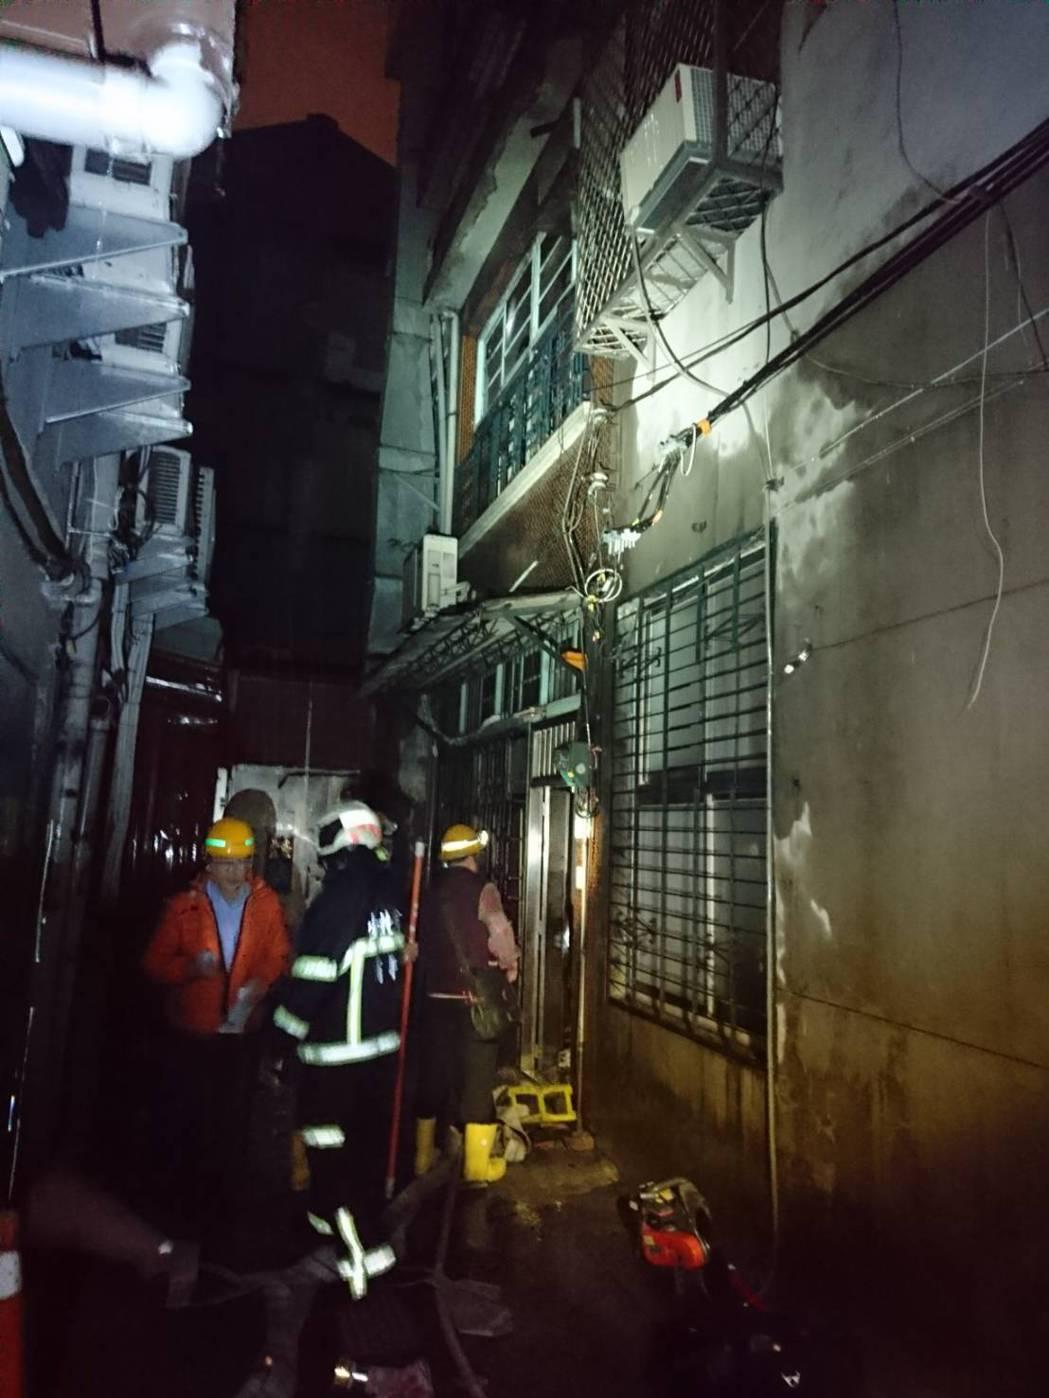 萬華漢中街今晚傳出火警,消防人員架梯救出高齡獨居老婦。記者蕭雅娟/翻攝